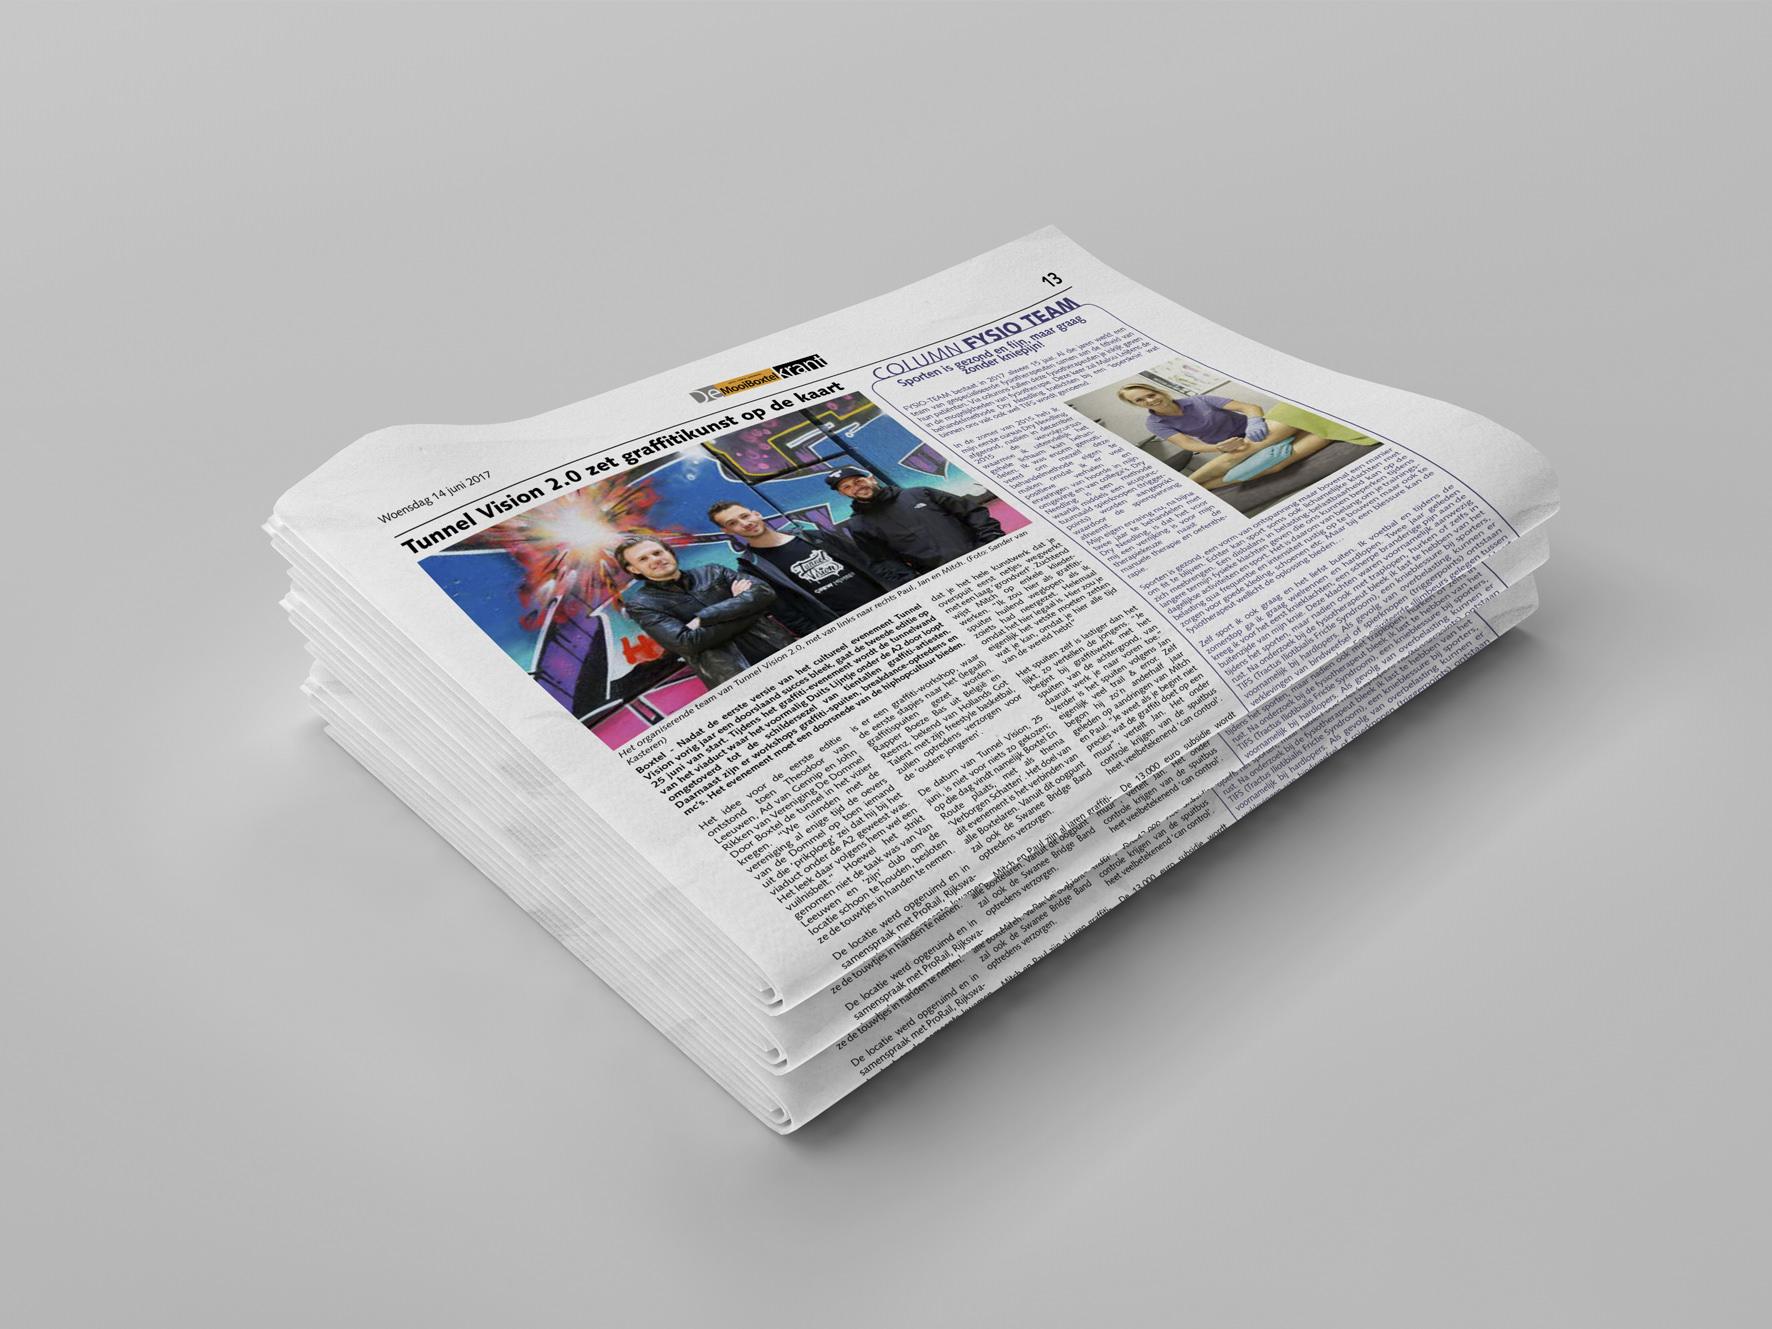 De Mooi Boxtel Krant